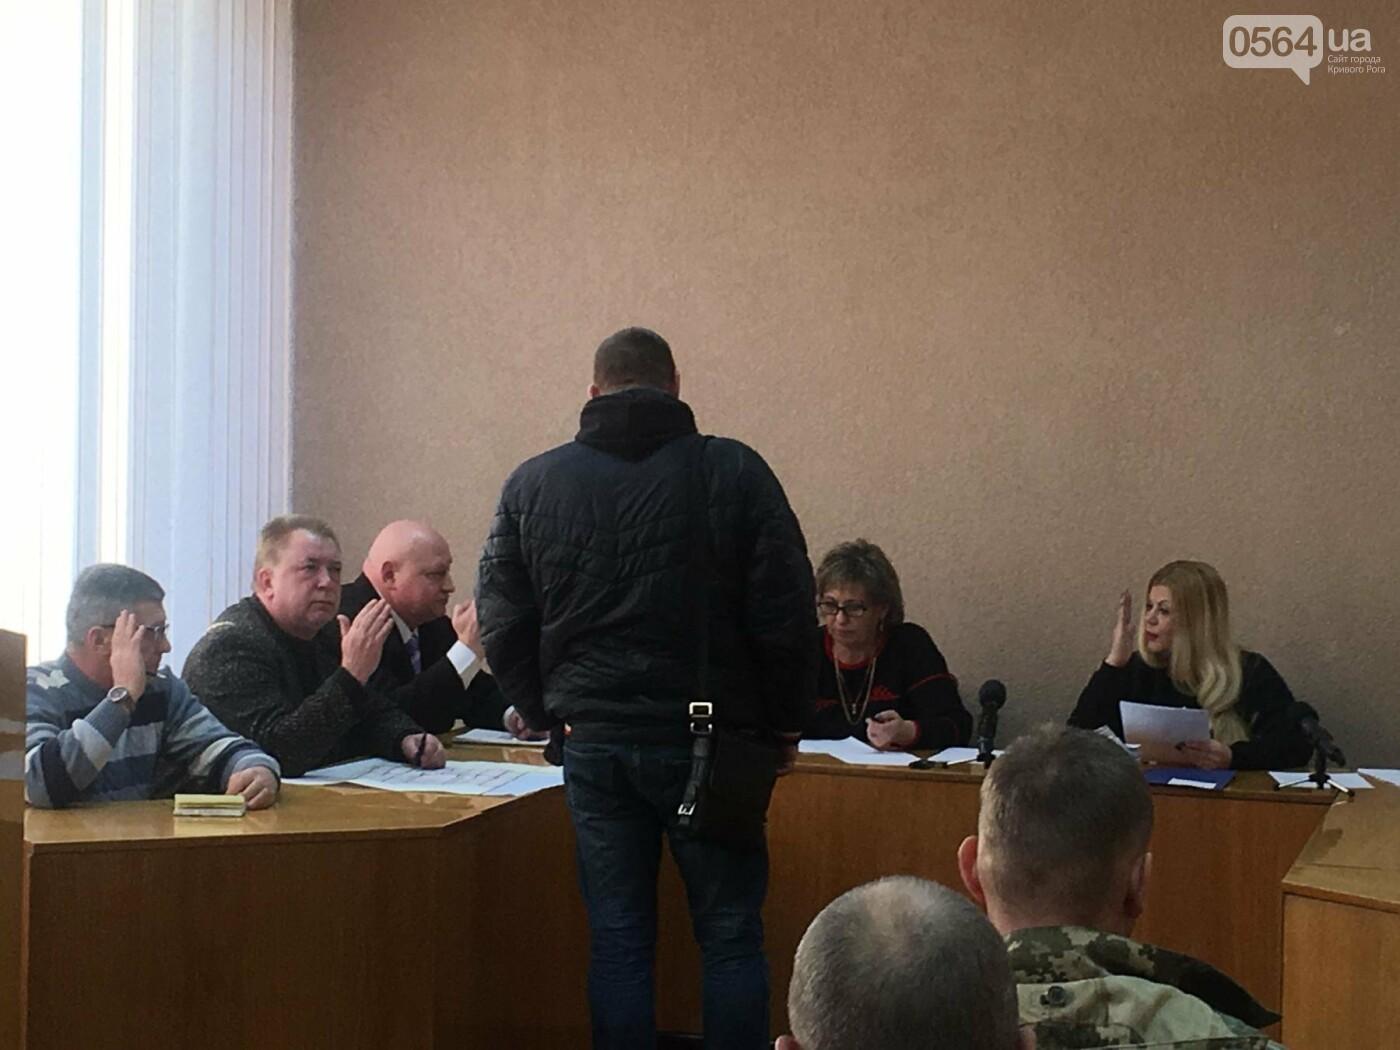 В Кривом Роге 52 бойца АТО получили землю под строительство жилья (ФОТО), фото-6